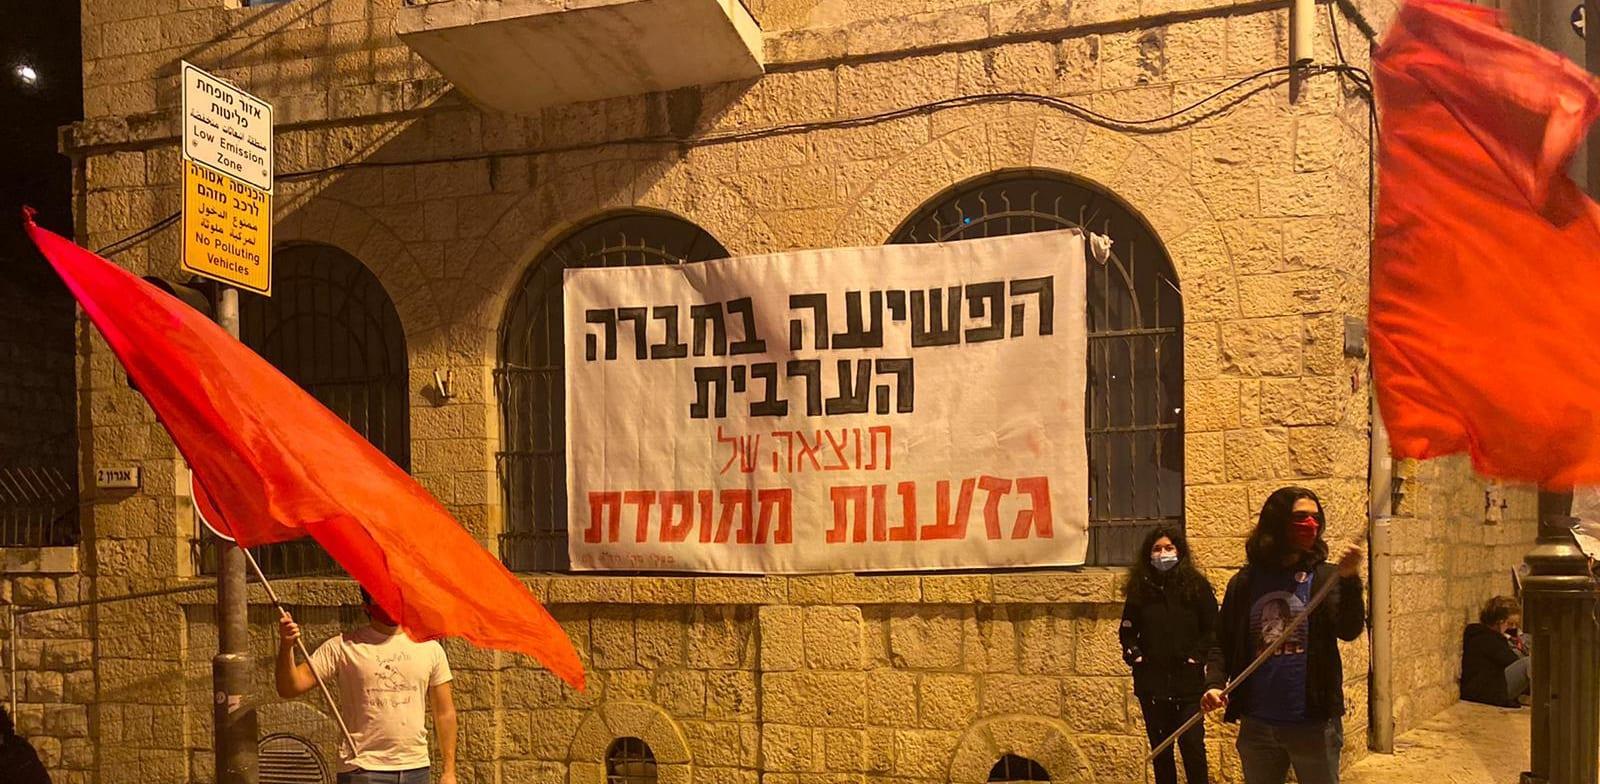 הפגנות בחברה הערבית במחאה על האלימות ומחדלי הממשלה בטיפול בה / צילום: דוברות הרשימה המשותפת